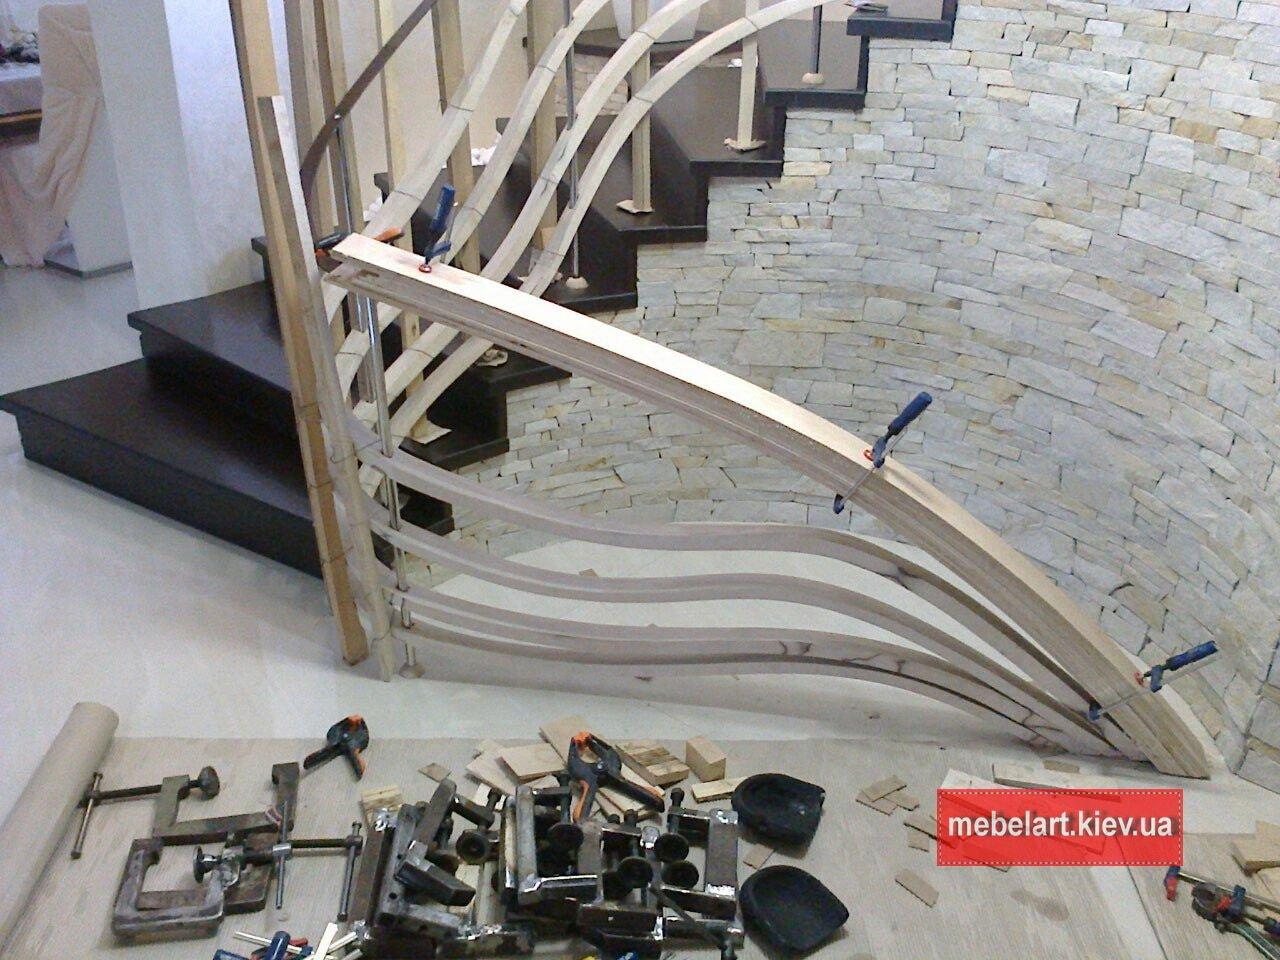 радиусная сходи на другий поверх